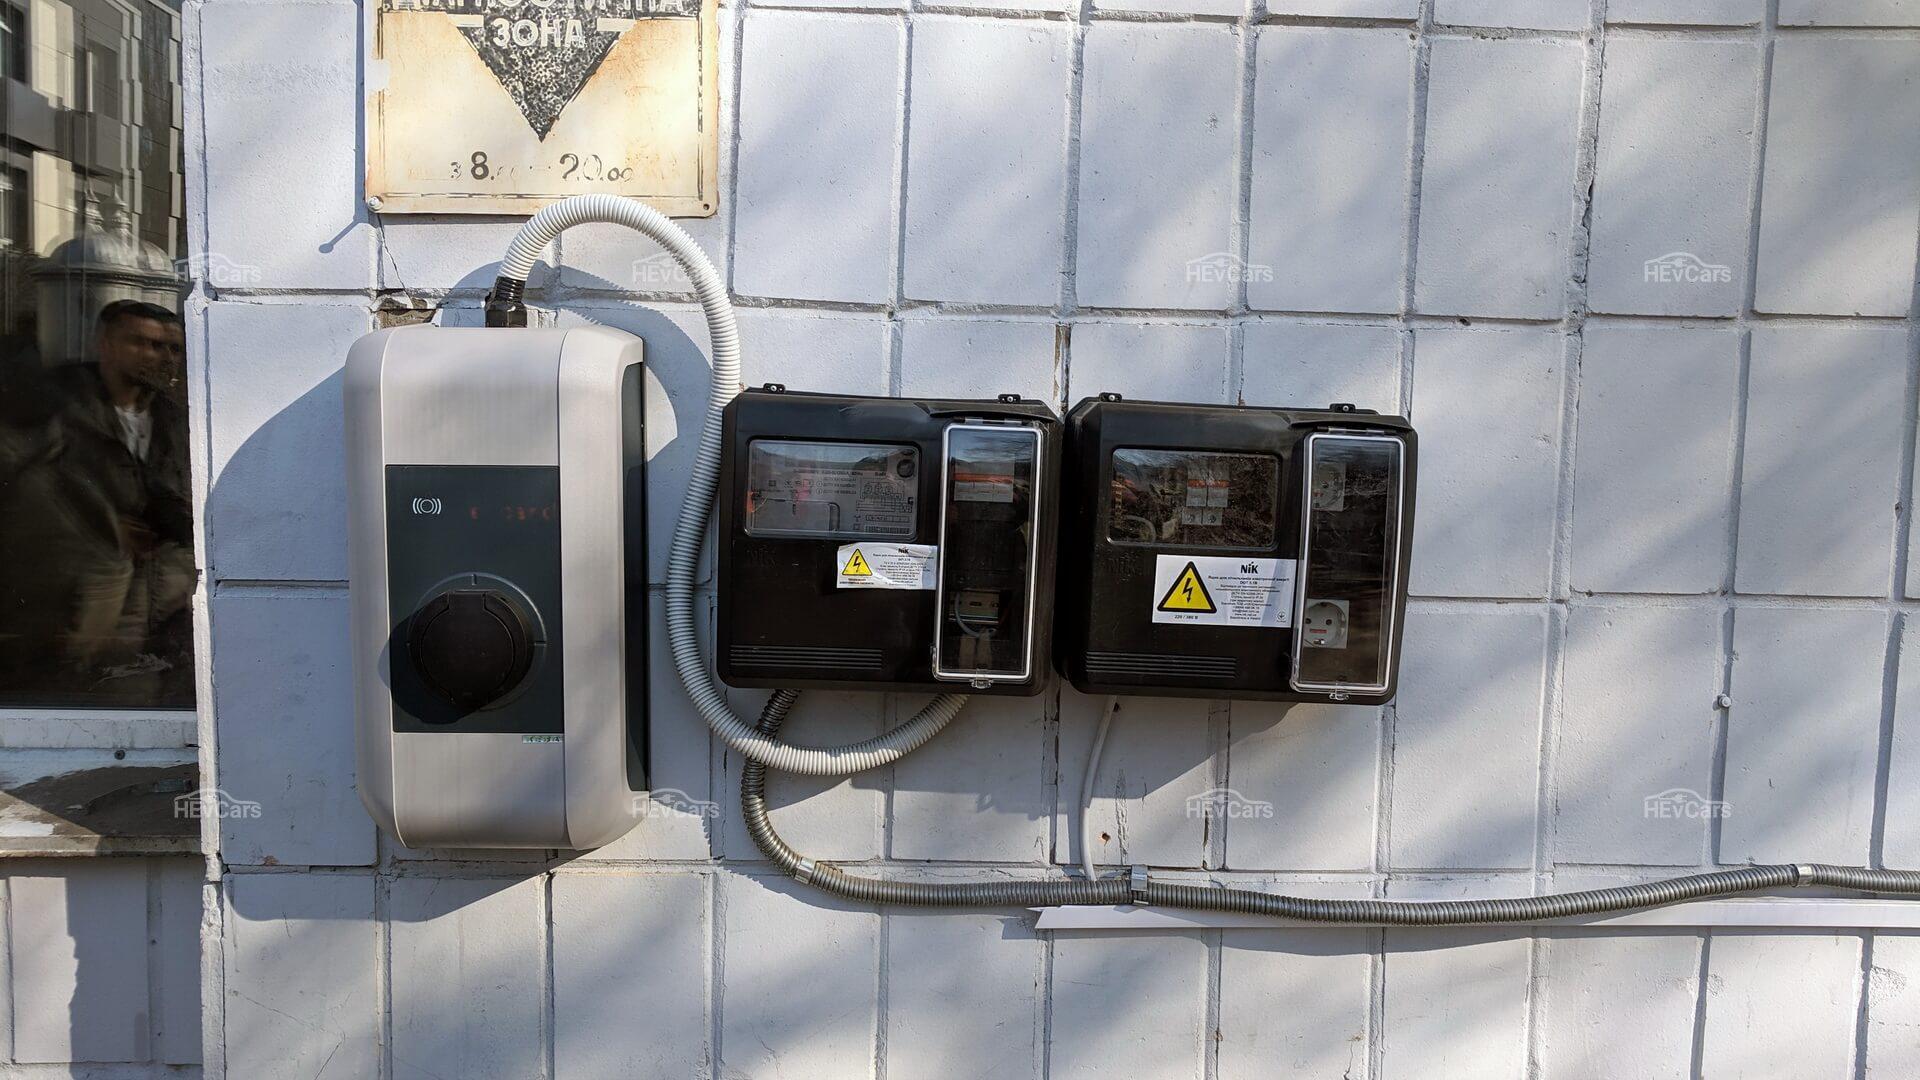 На собственных площадках компании вКиеве установлено 6зарядных пунктов мощностью 22кВт